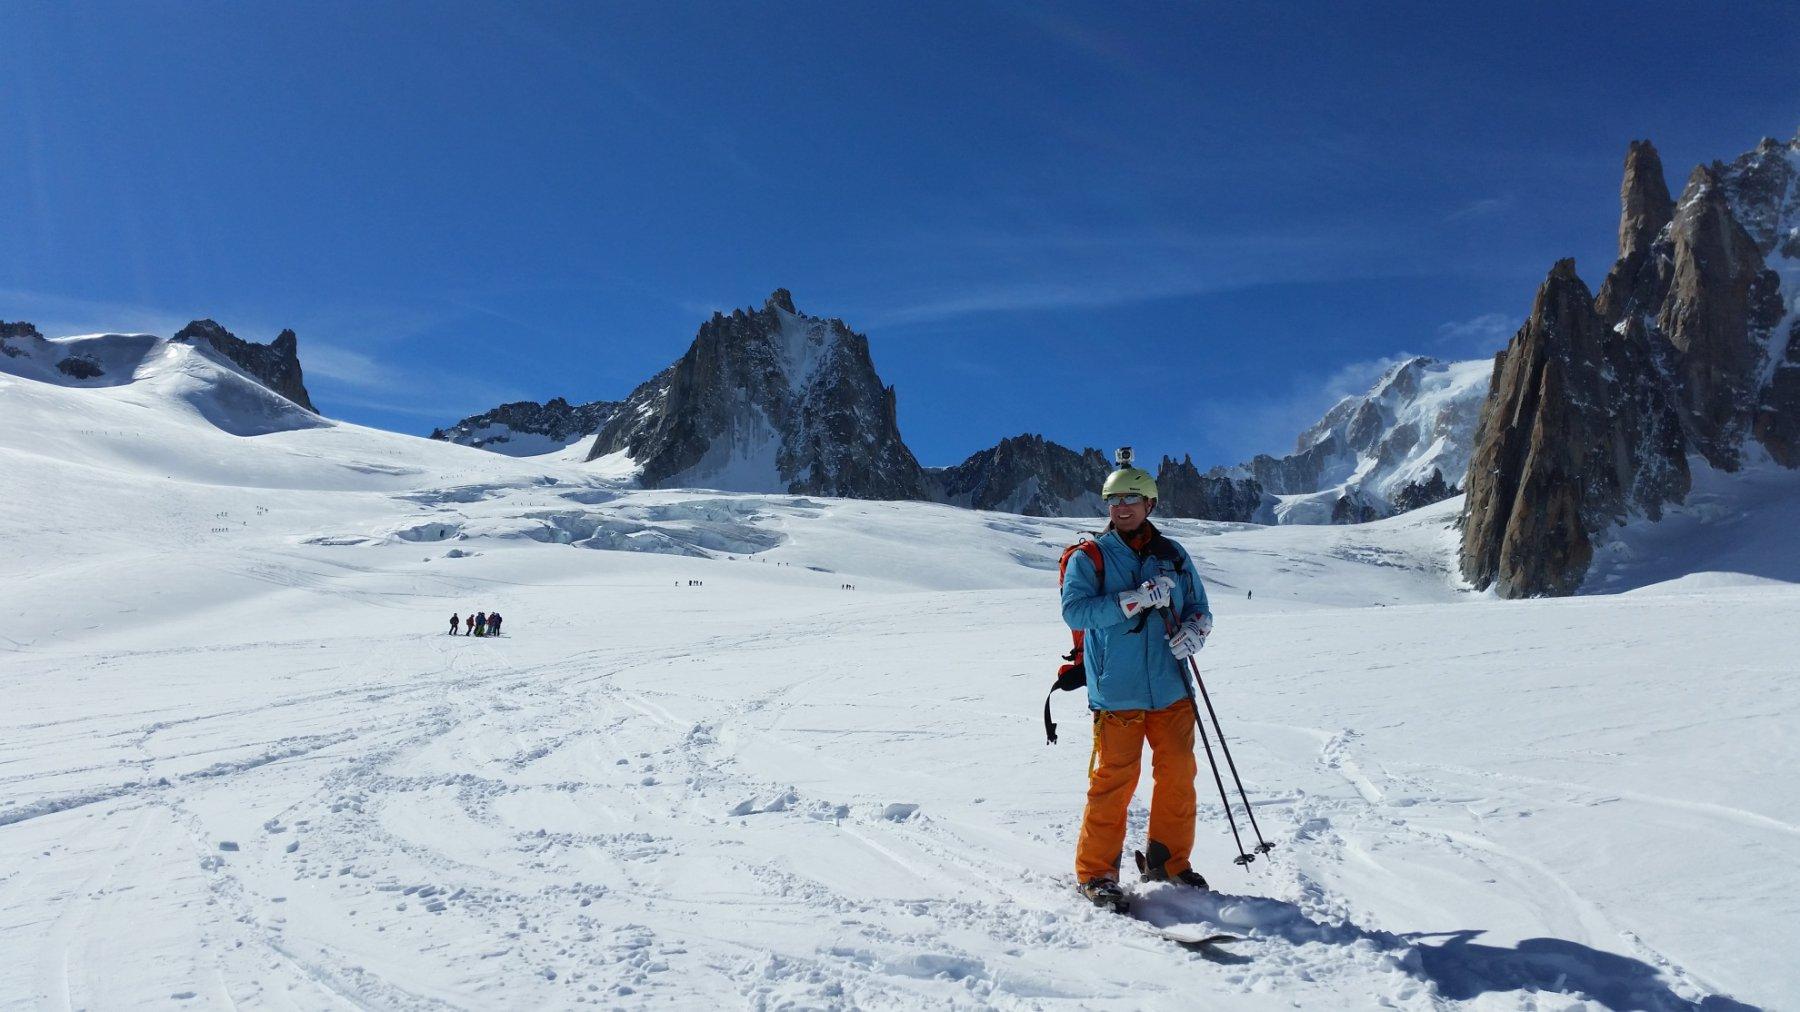 Verso la Vallè Blanche (sullo sfondo Monte Bianco)